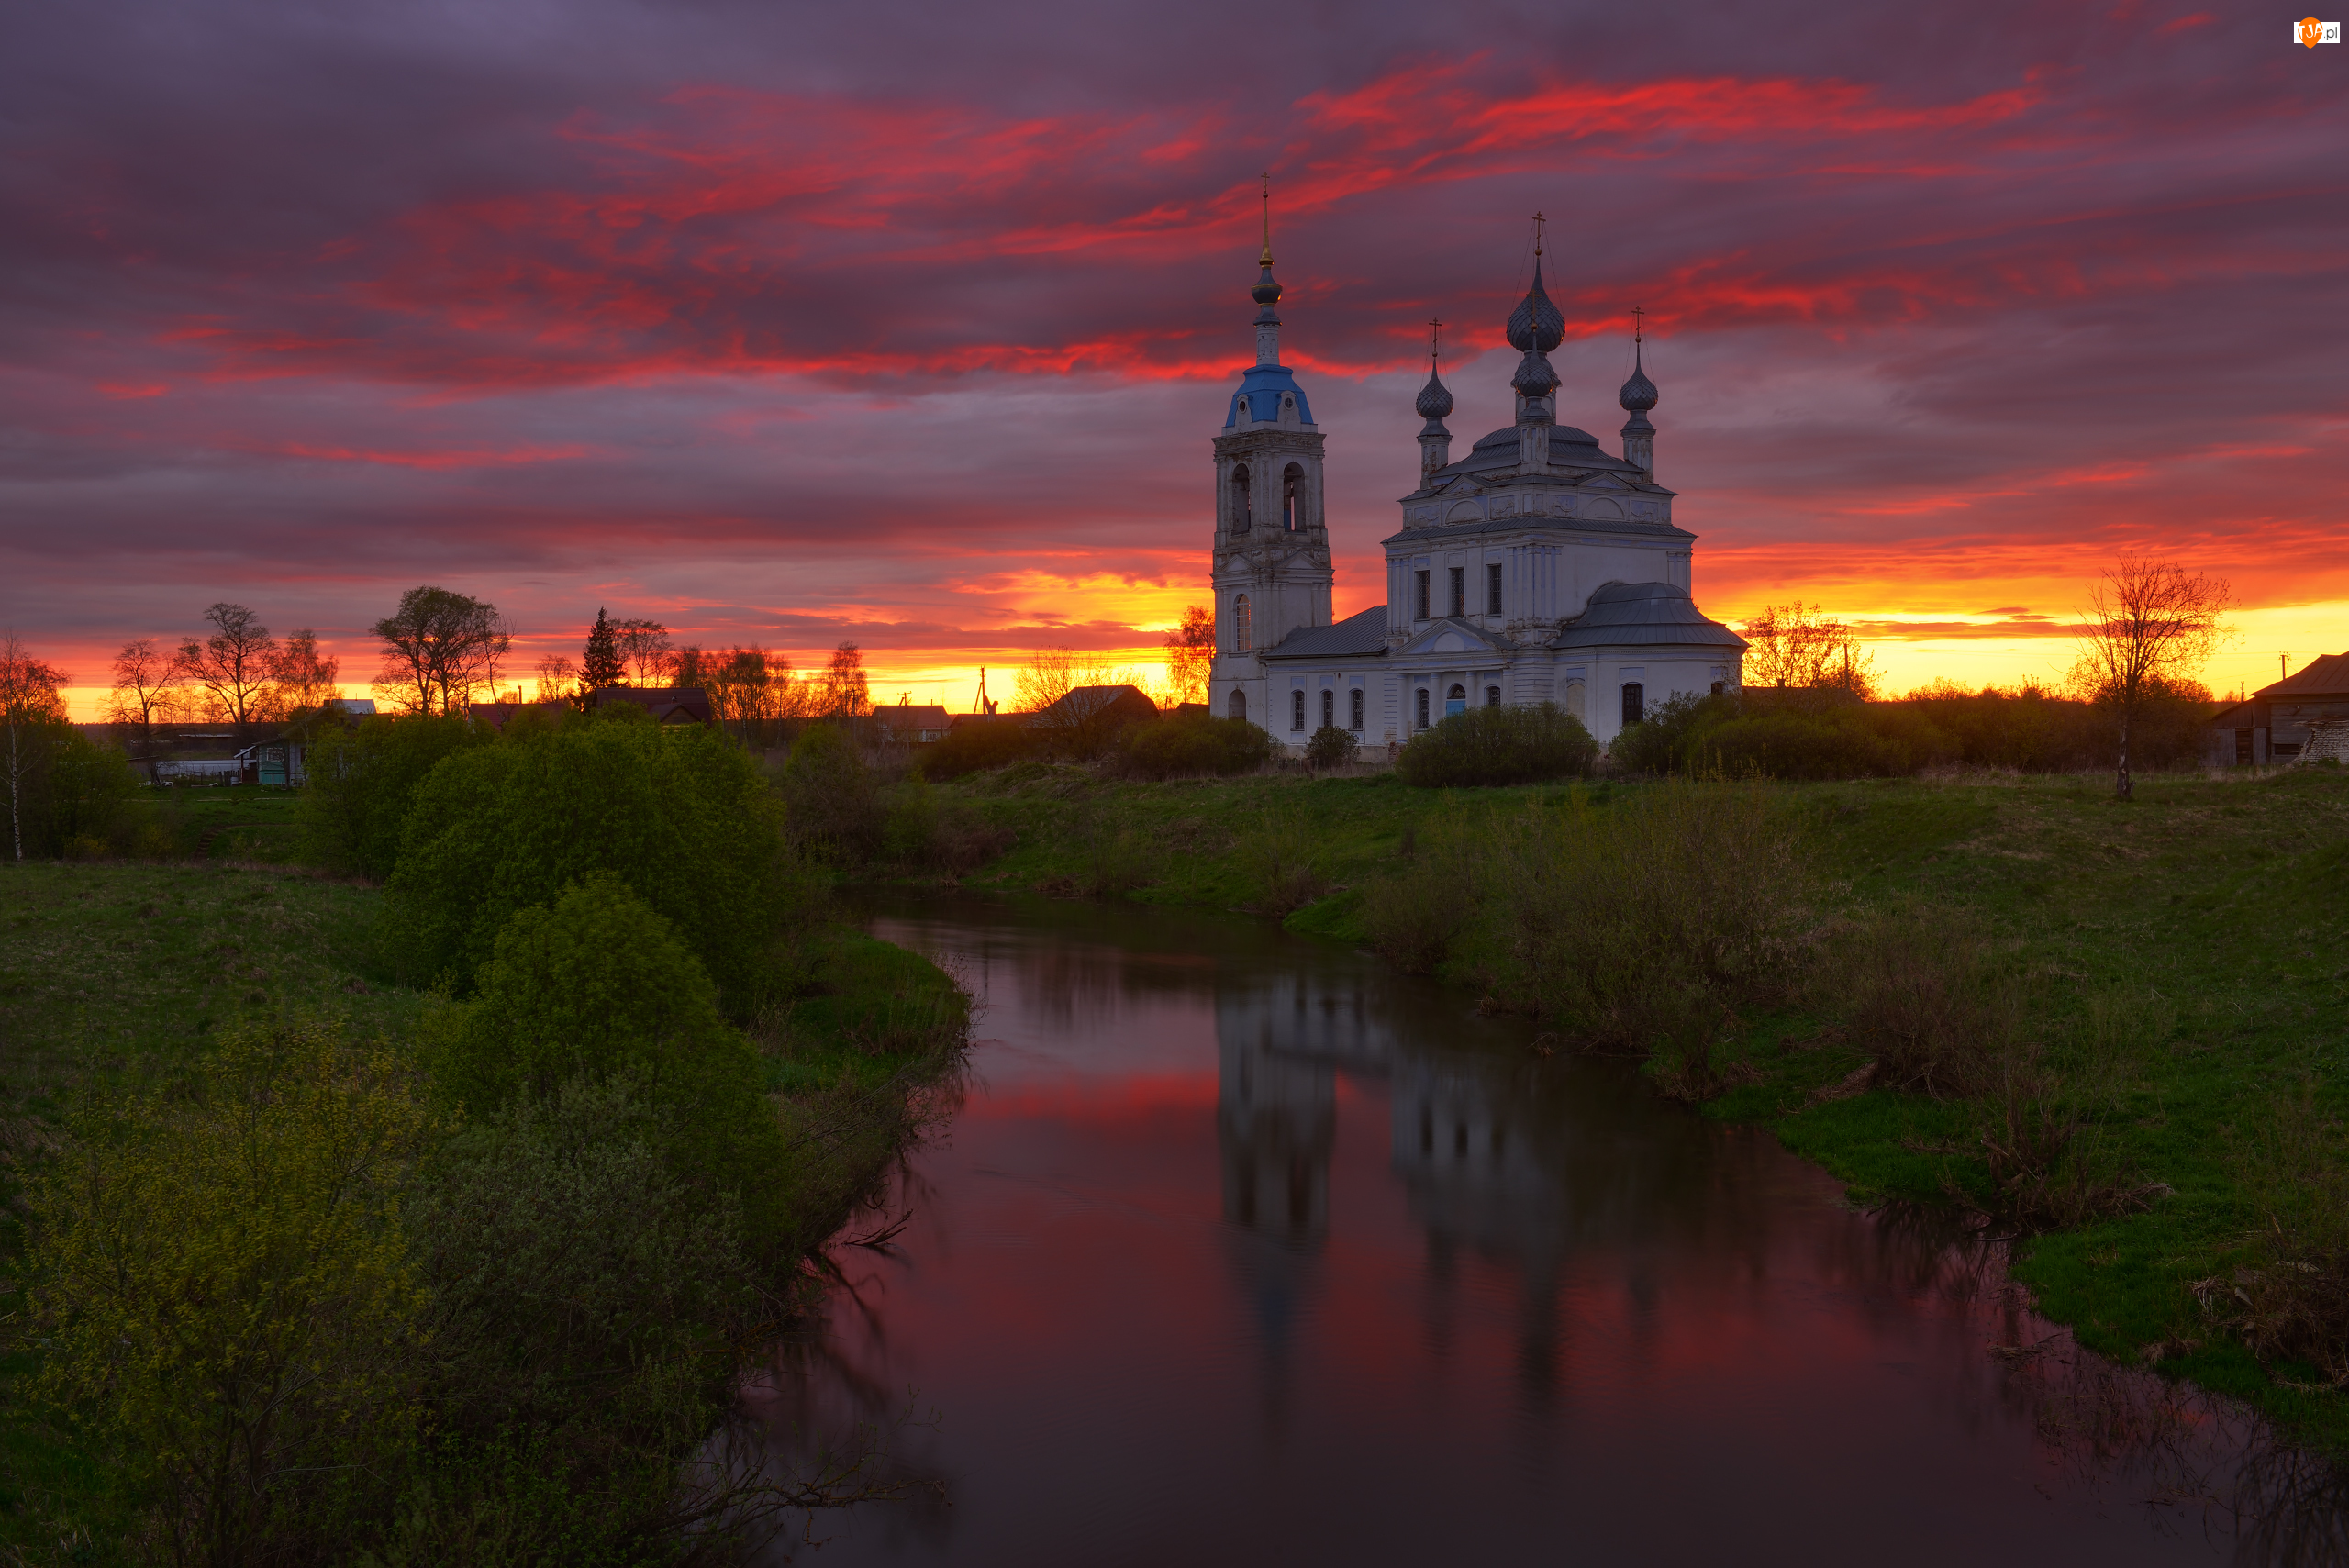 Cerkiew, Zachód słońca, Savinskoye, Rosja, Rzeka Ustya, Obwód jarosławski